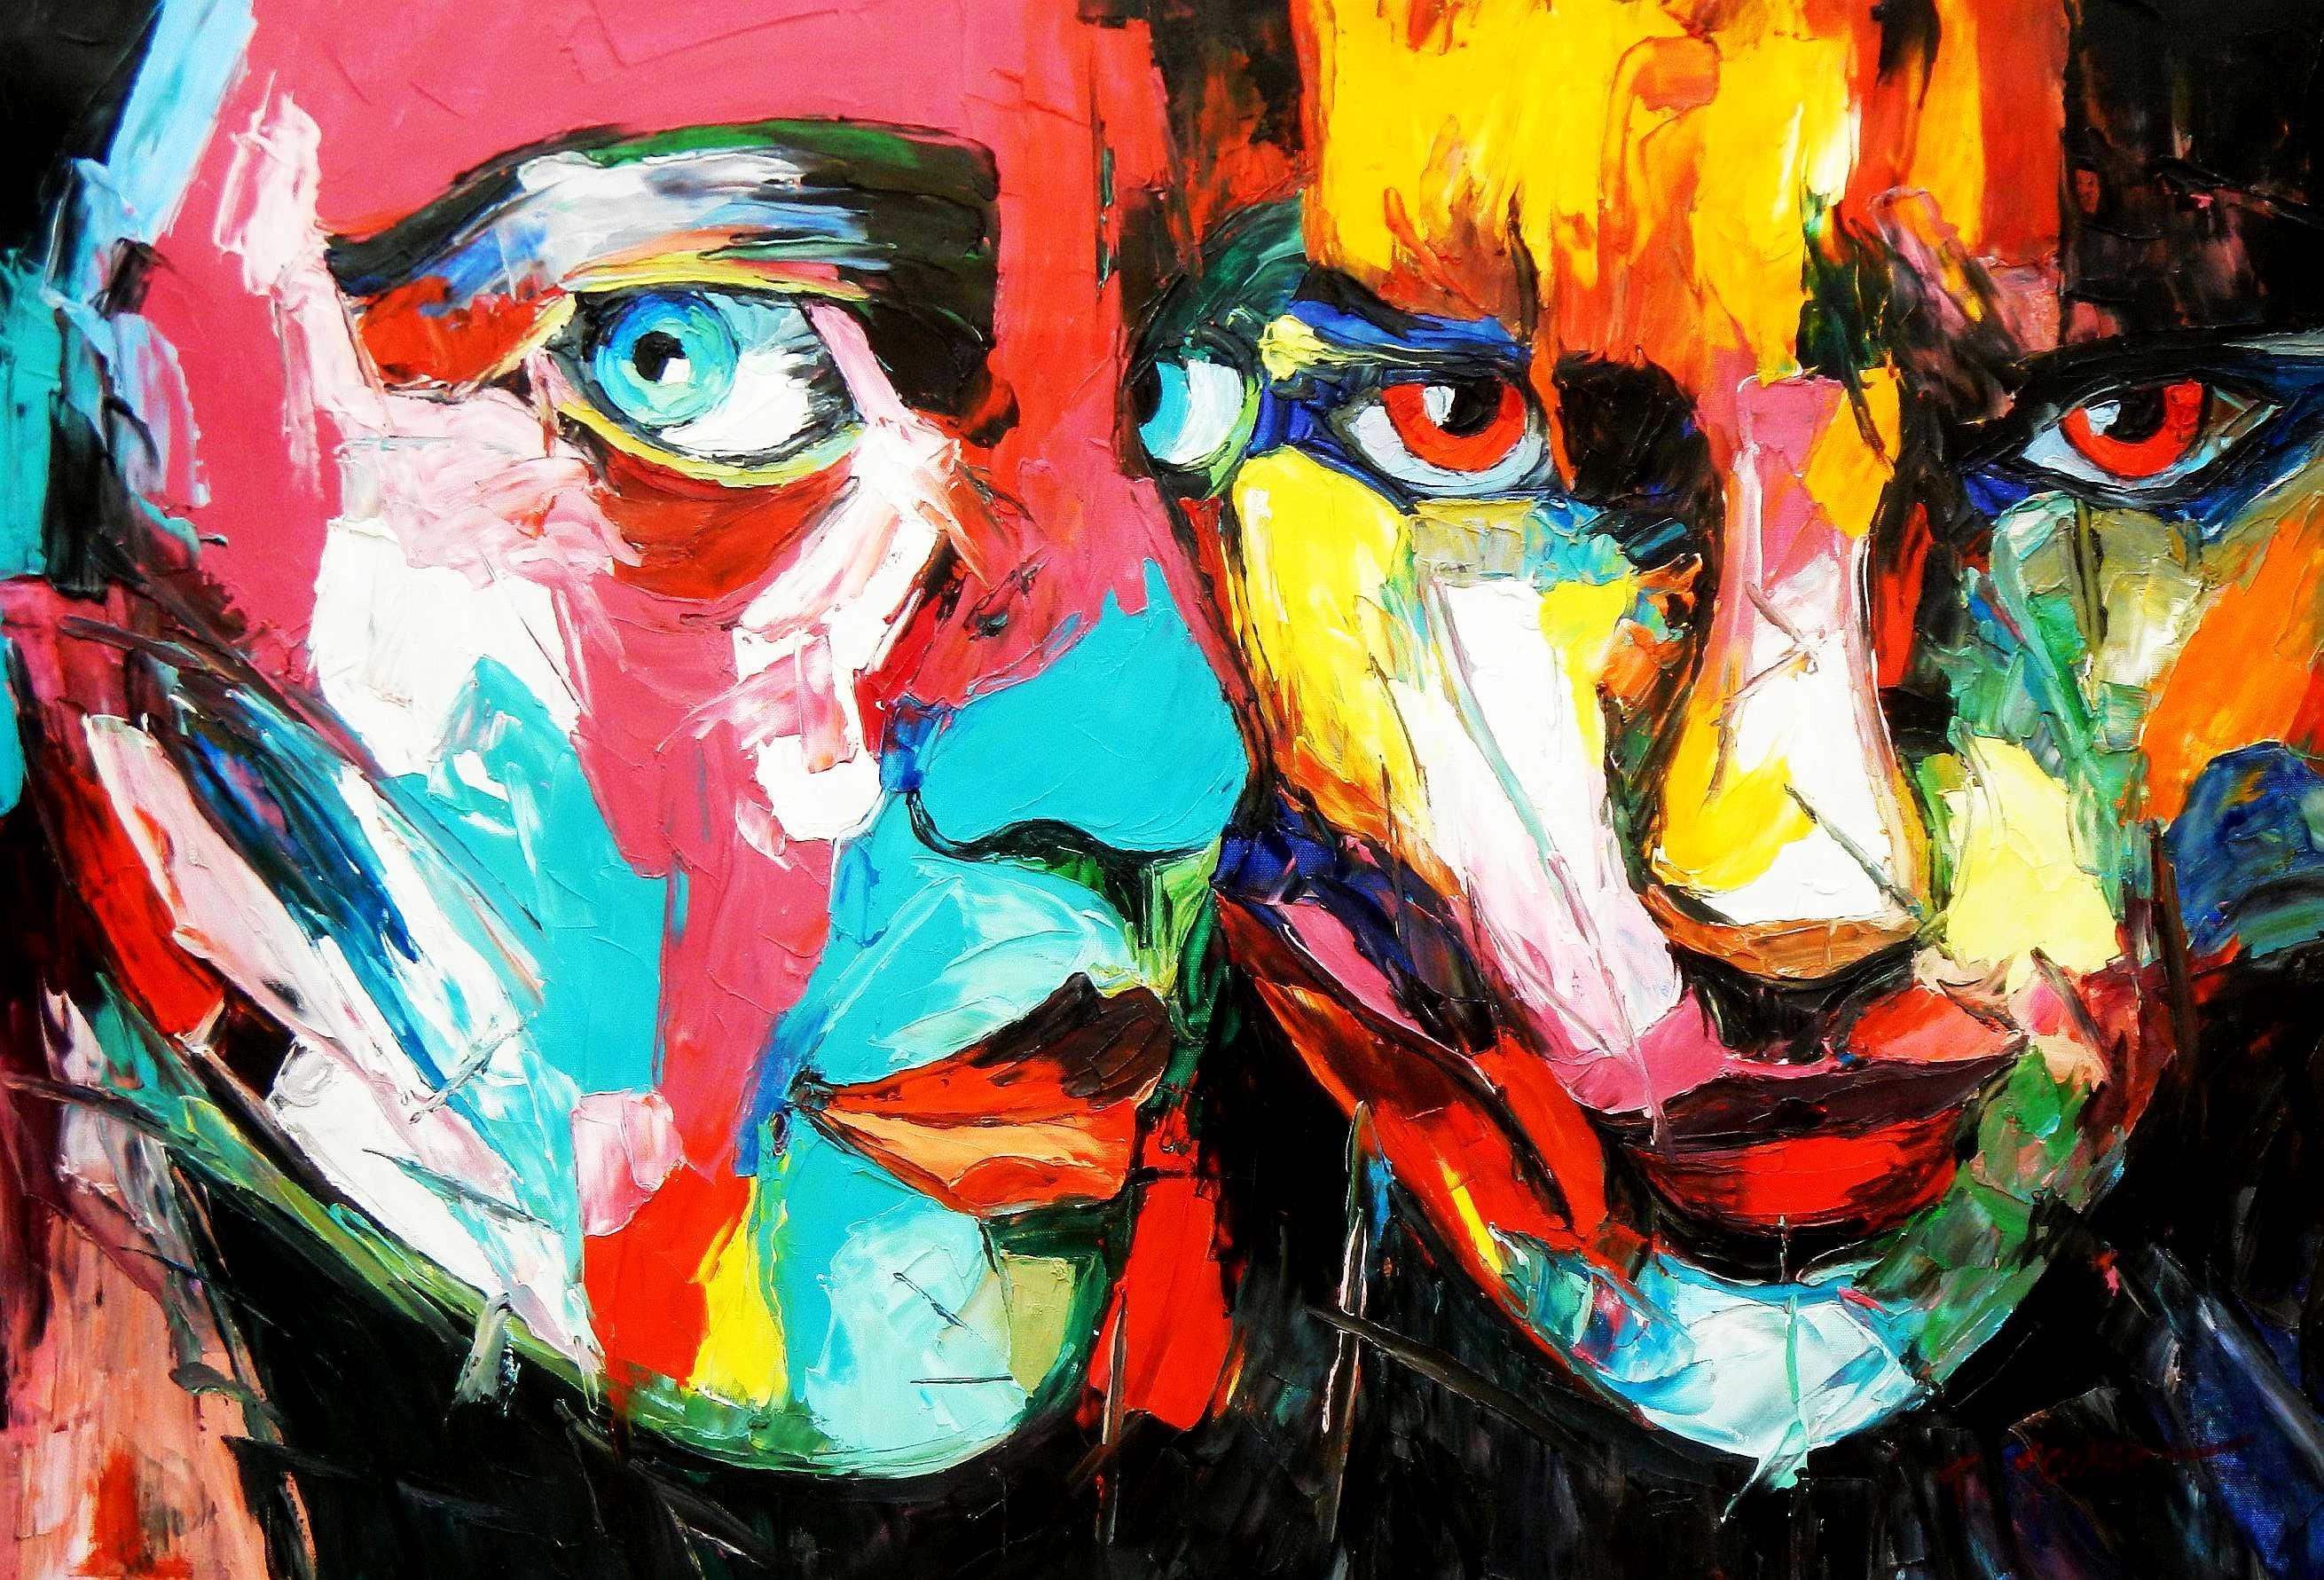 Modern Art - Die Aufmerksamkeit d94896 60x90cm beeindruckendes Ölgemälde